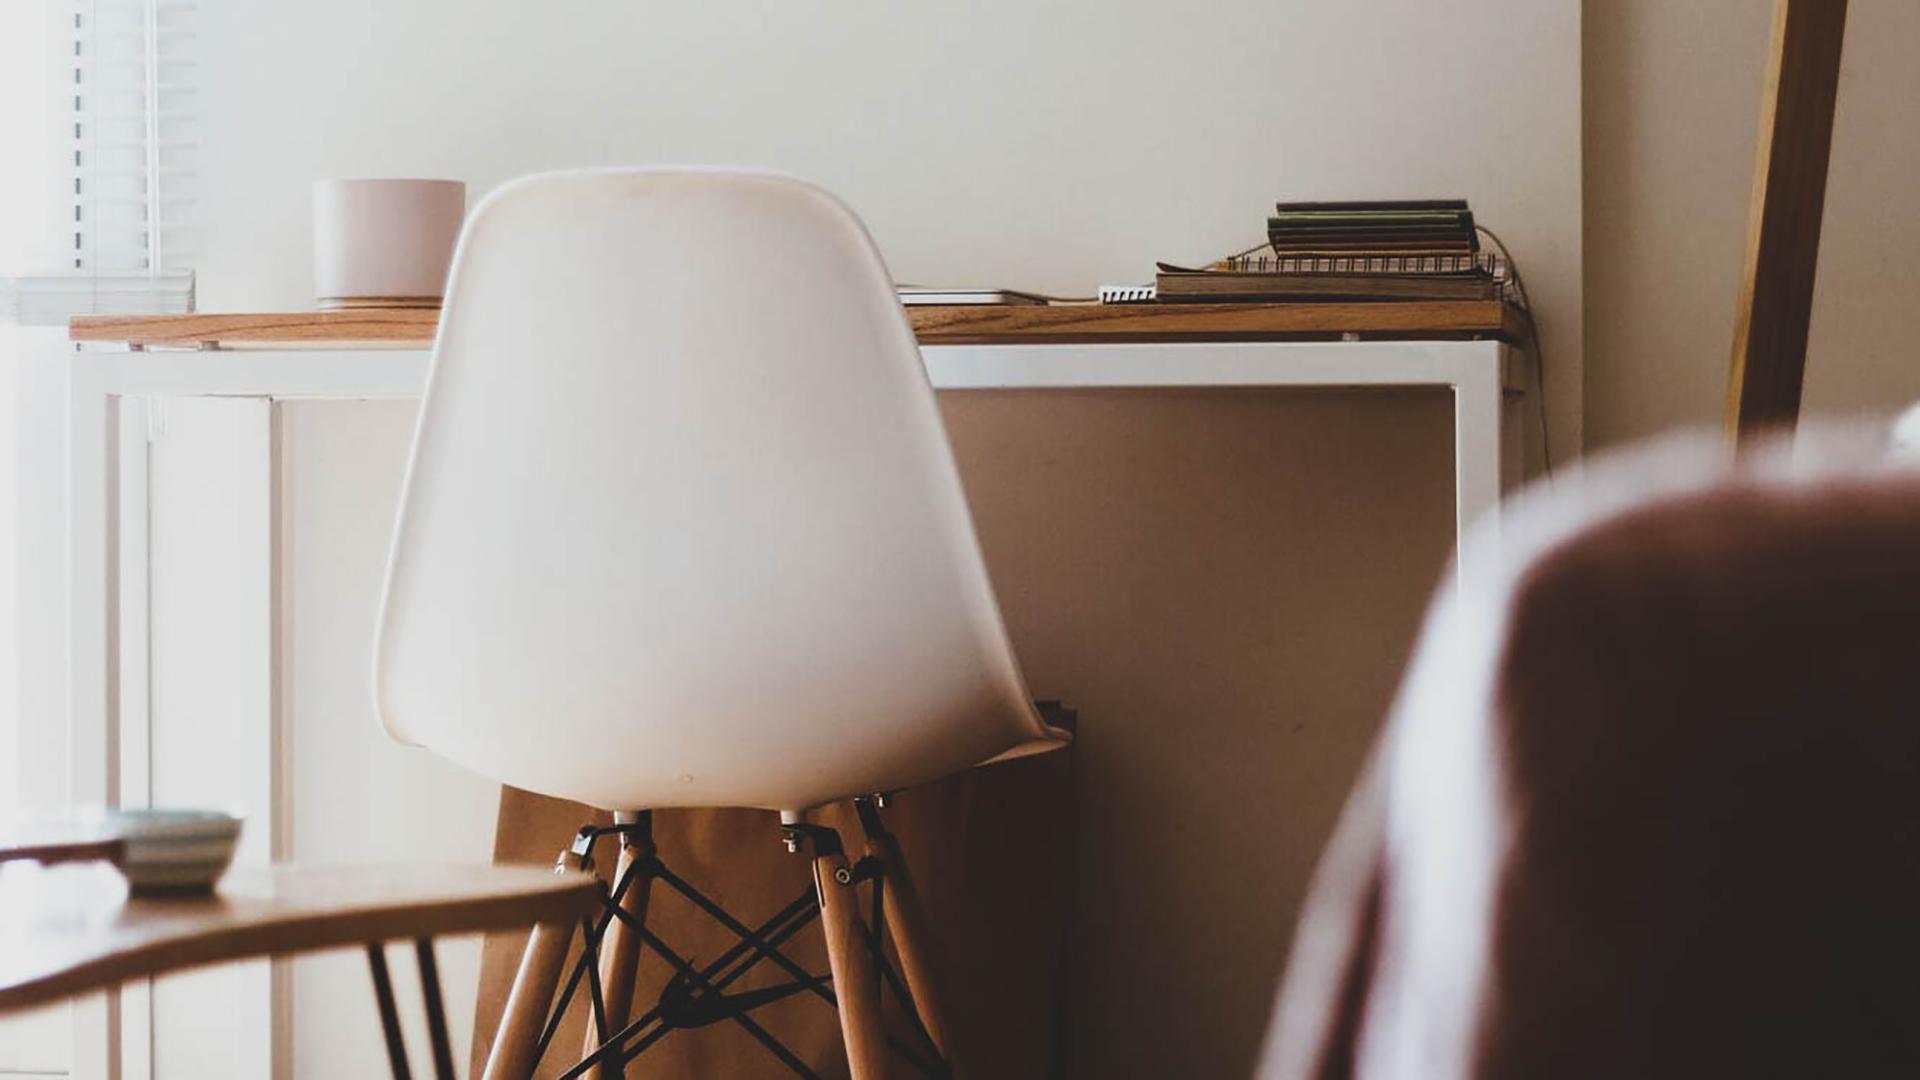 Gestalte deinen Arbeitsplatz zu Hause